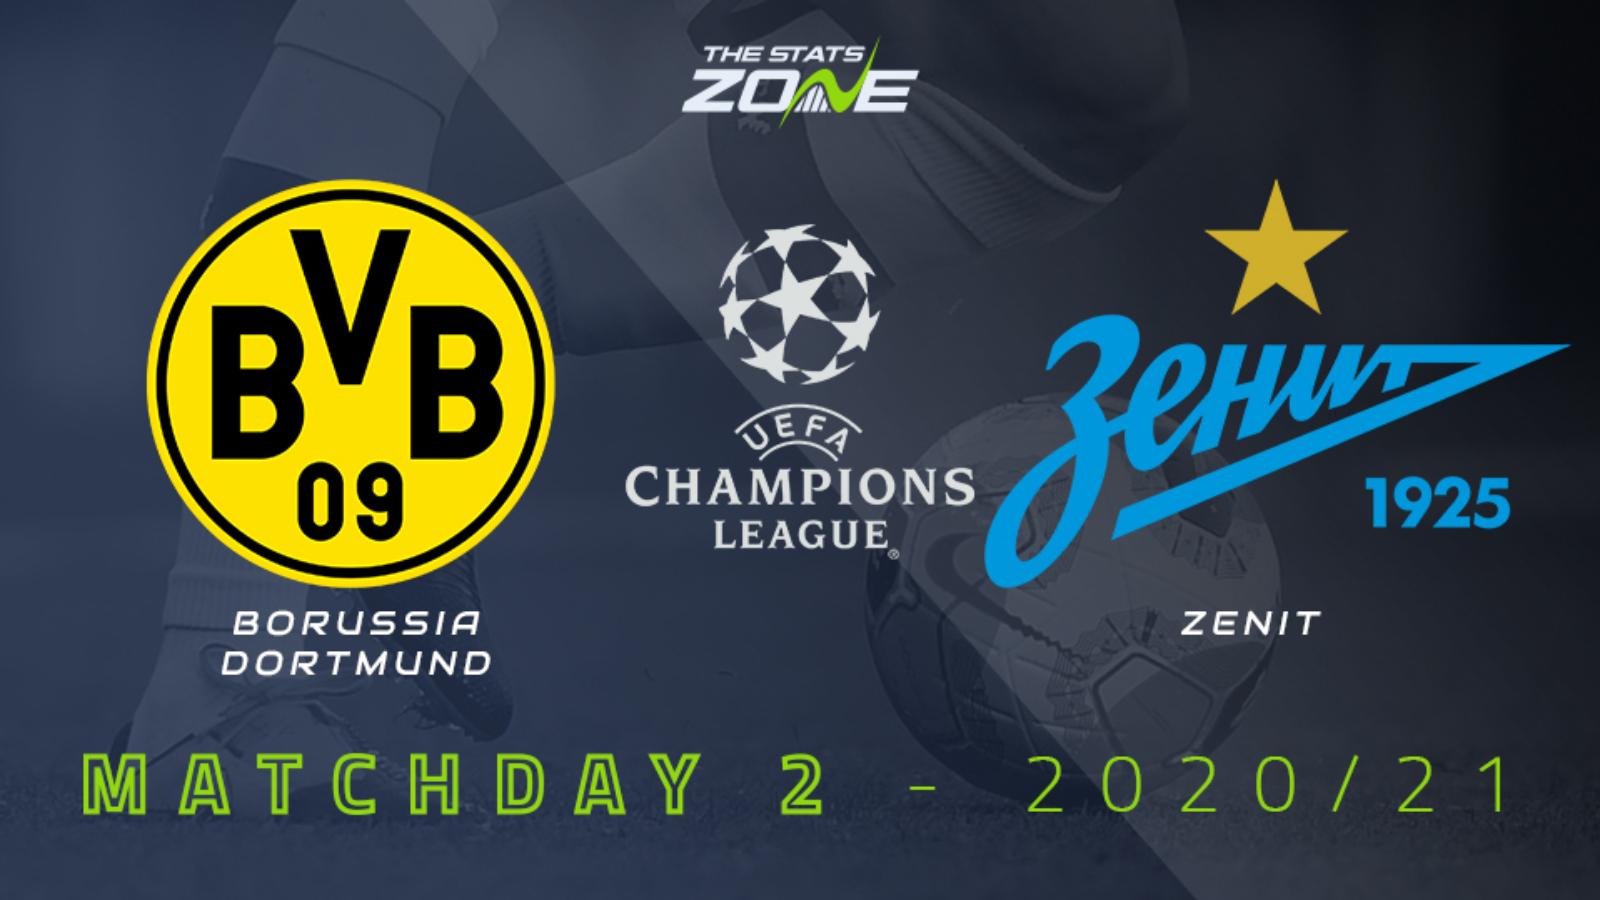 2020 21 Uefa Champions League Borussia Dortmund Vs Zenit Preview Prediction The Stats Zone